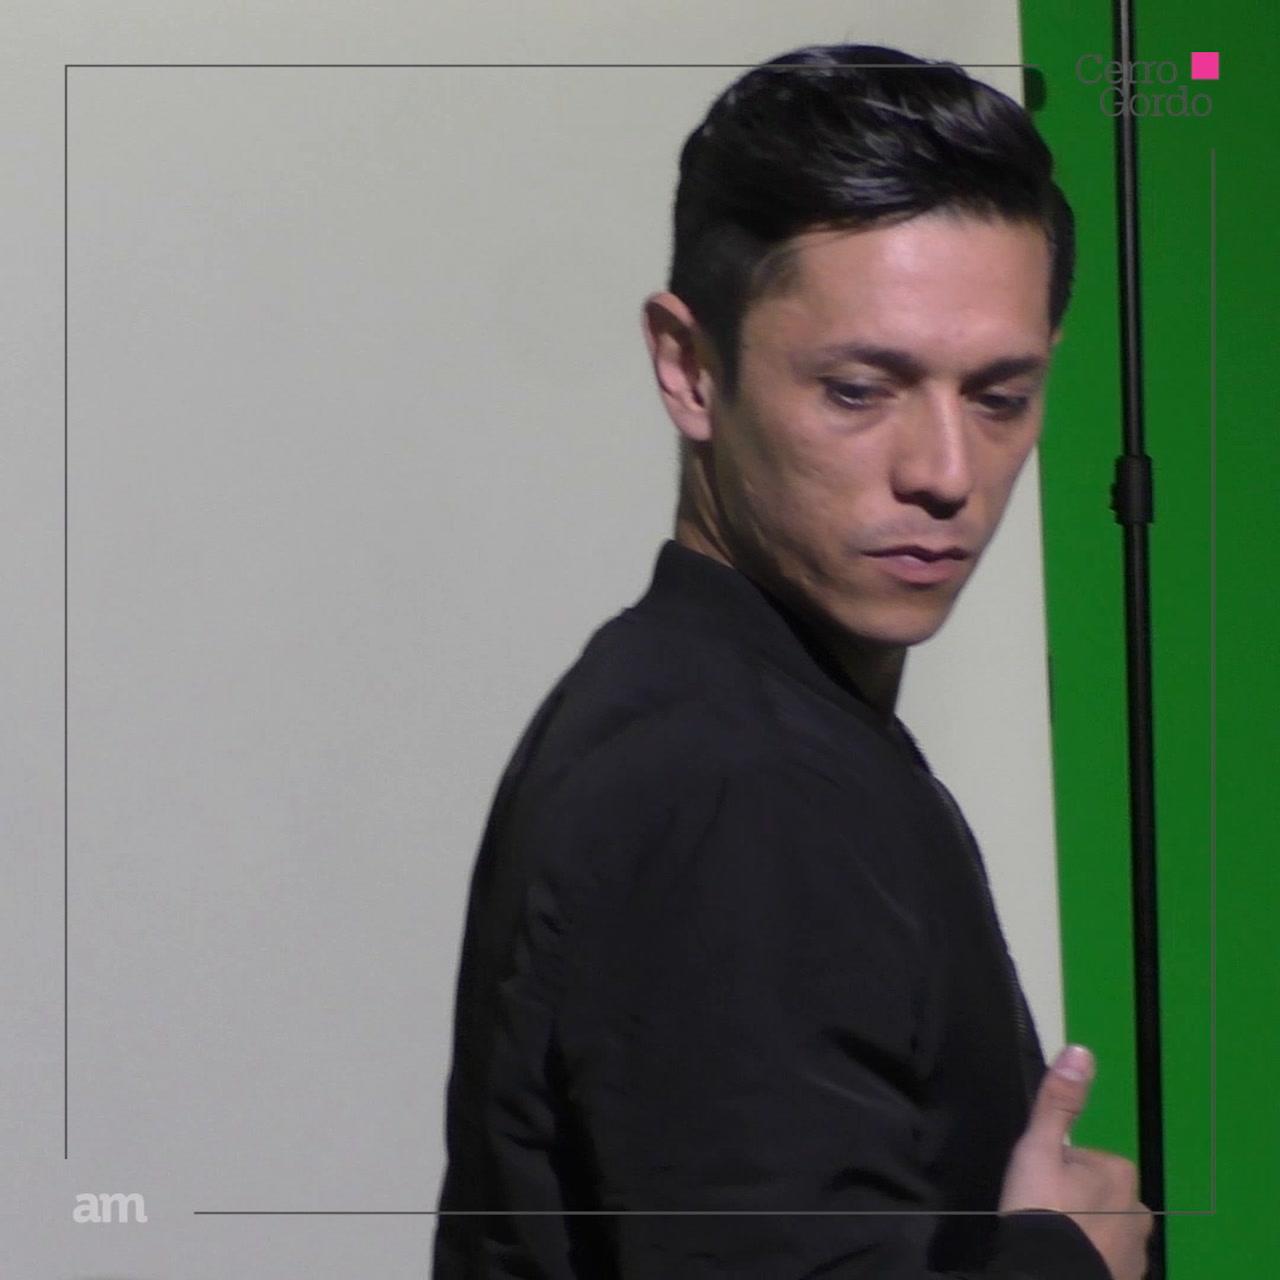 Lee Aguado pone ritmo a su vida